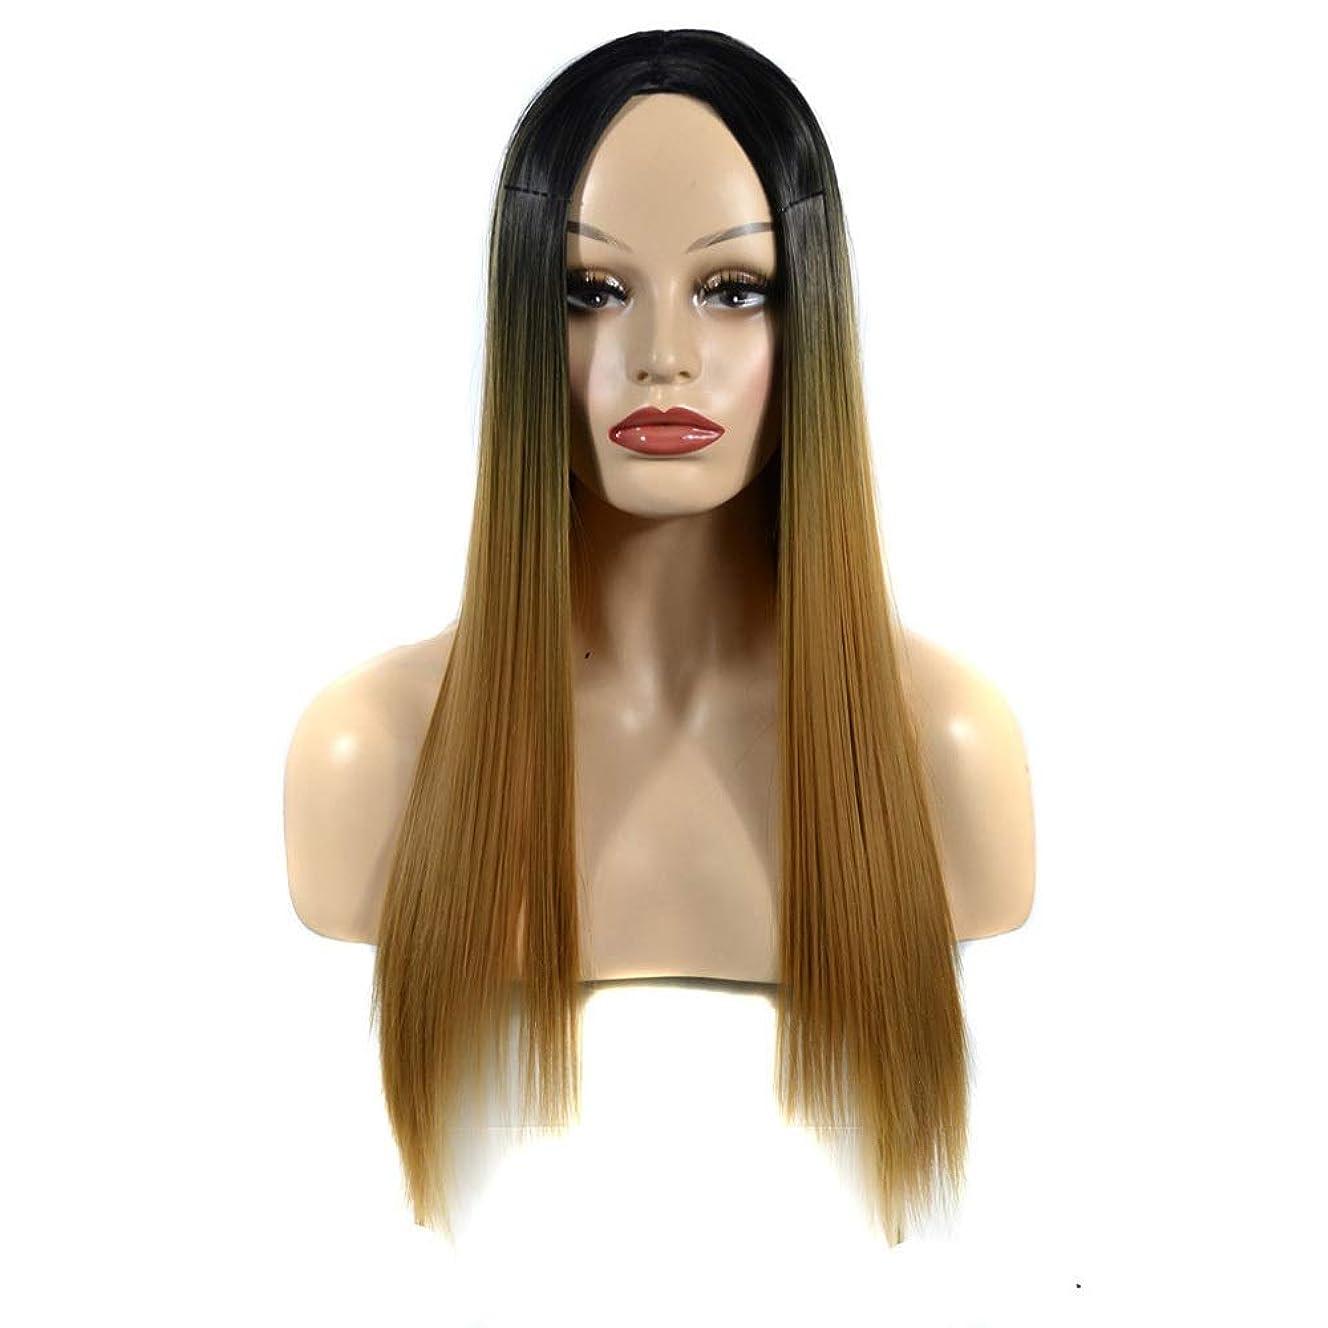 アソシエイト特許埋め込むYESONEEP ライトブラウンオンブルロングストレートウィッグ女性用中部かつらダークルーツ耐熱ウィッグパーティーウィッグ (Color : Light brown, サイズ : 60cm)